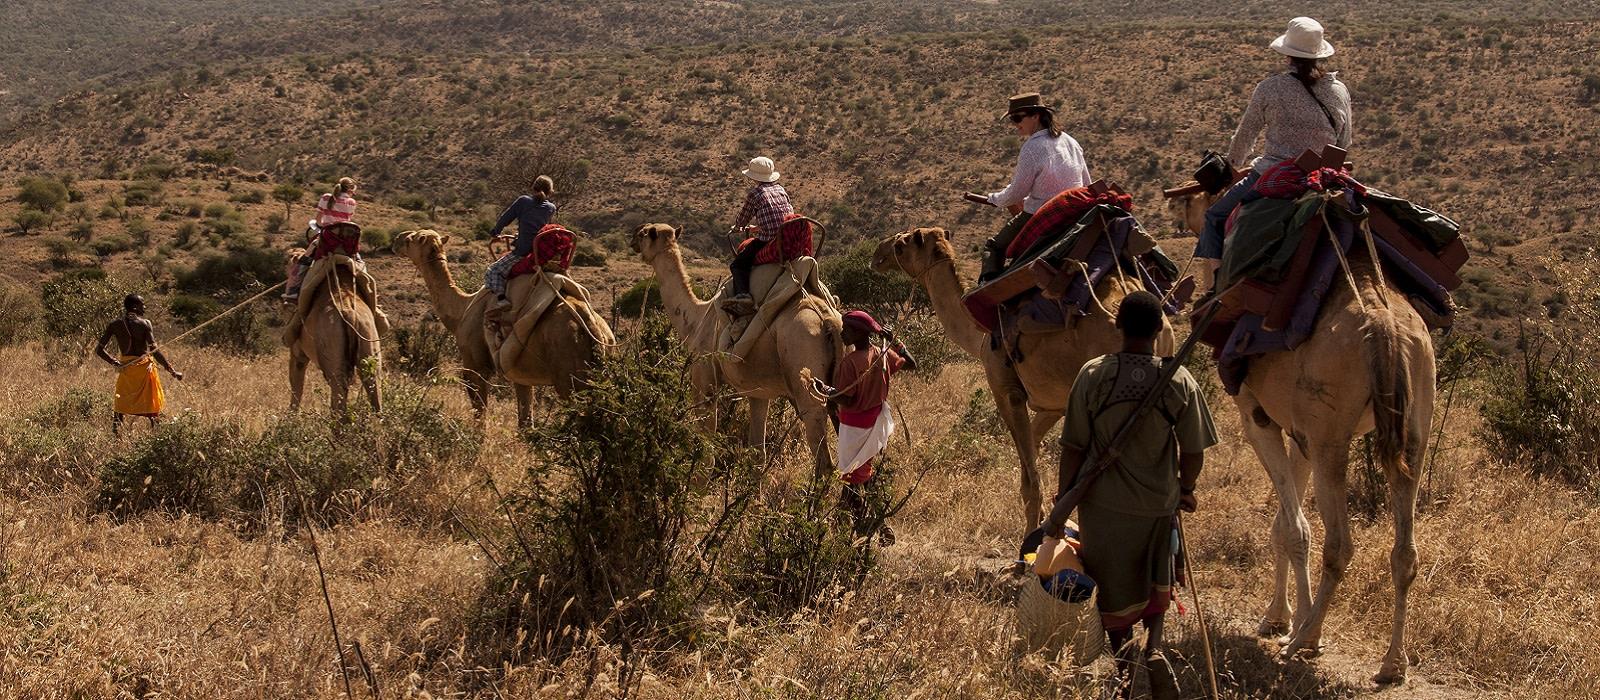 Reiseziel Laikipia Sabuk Kenia